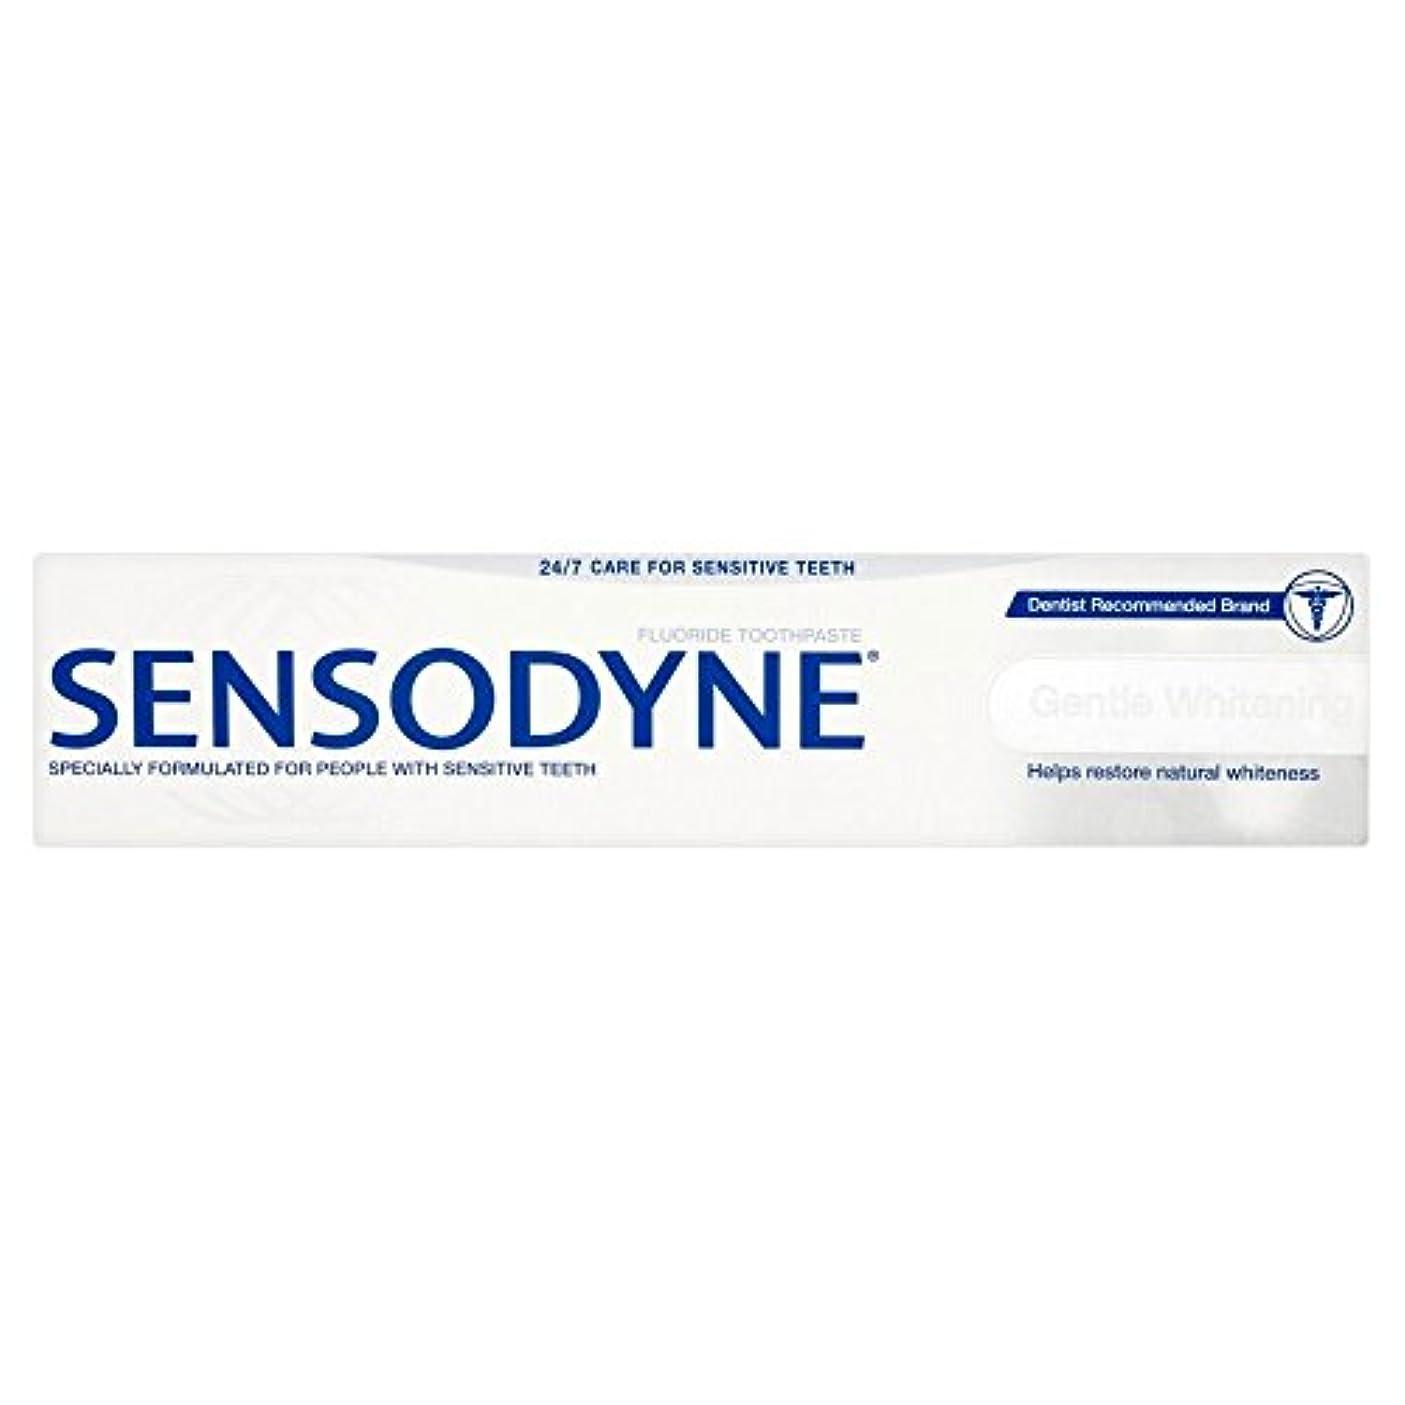 マーク医学簡潔なSensodyne Total Care Gentle Whitening Toothpaste Tube (100ml) Sensodyneトータルケア優しいホワイトニング歯磨き粉のチューブ( 100ミリリットル) [...